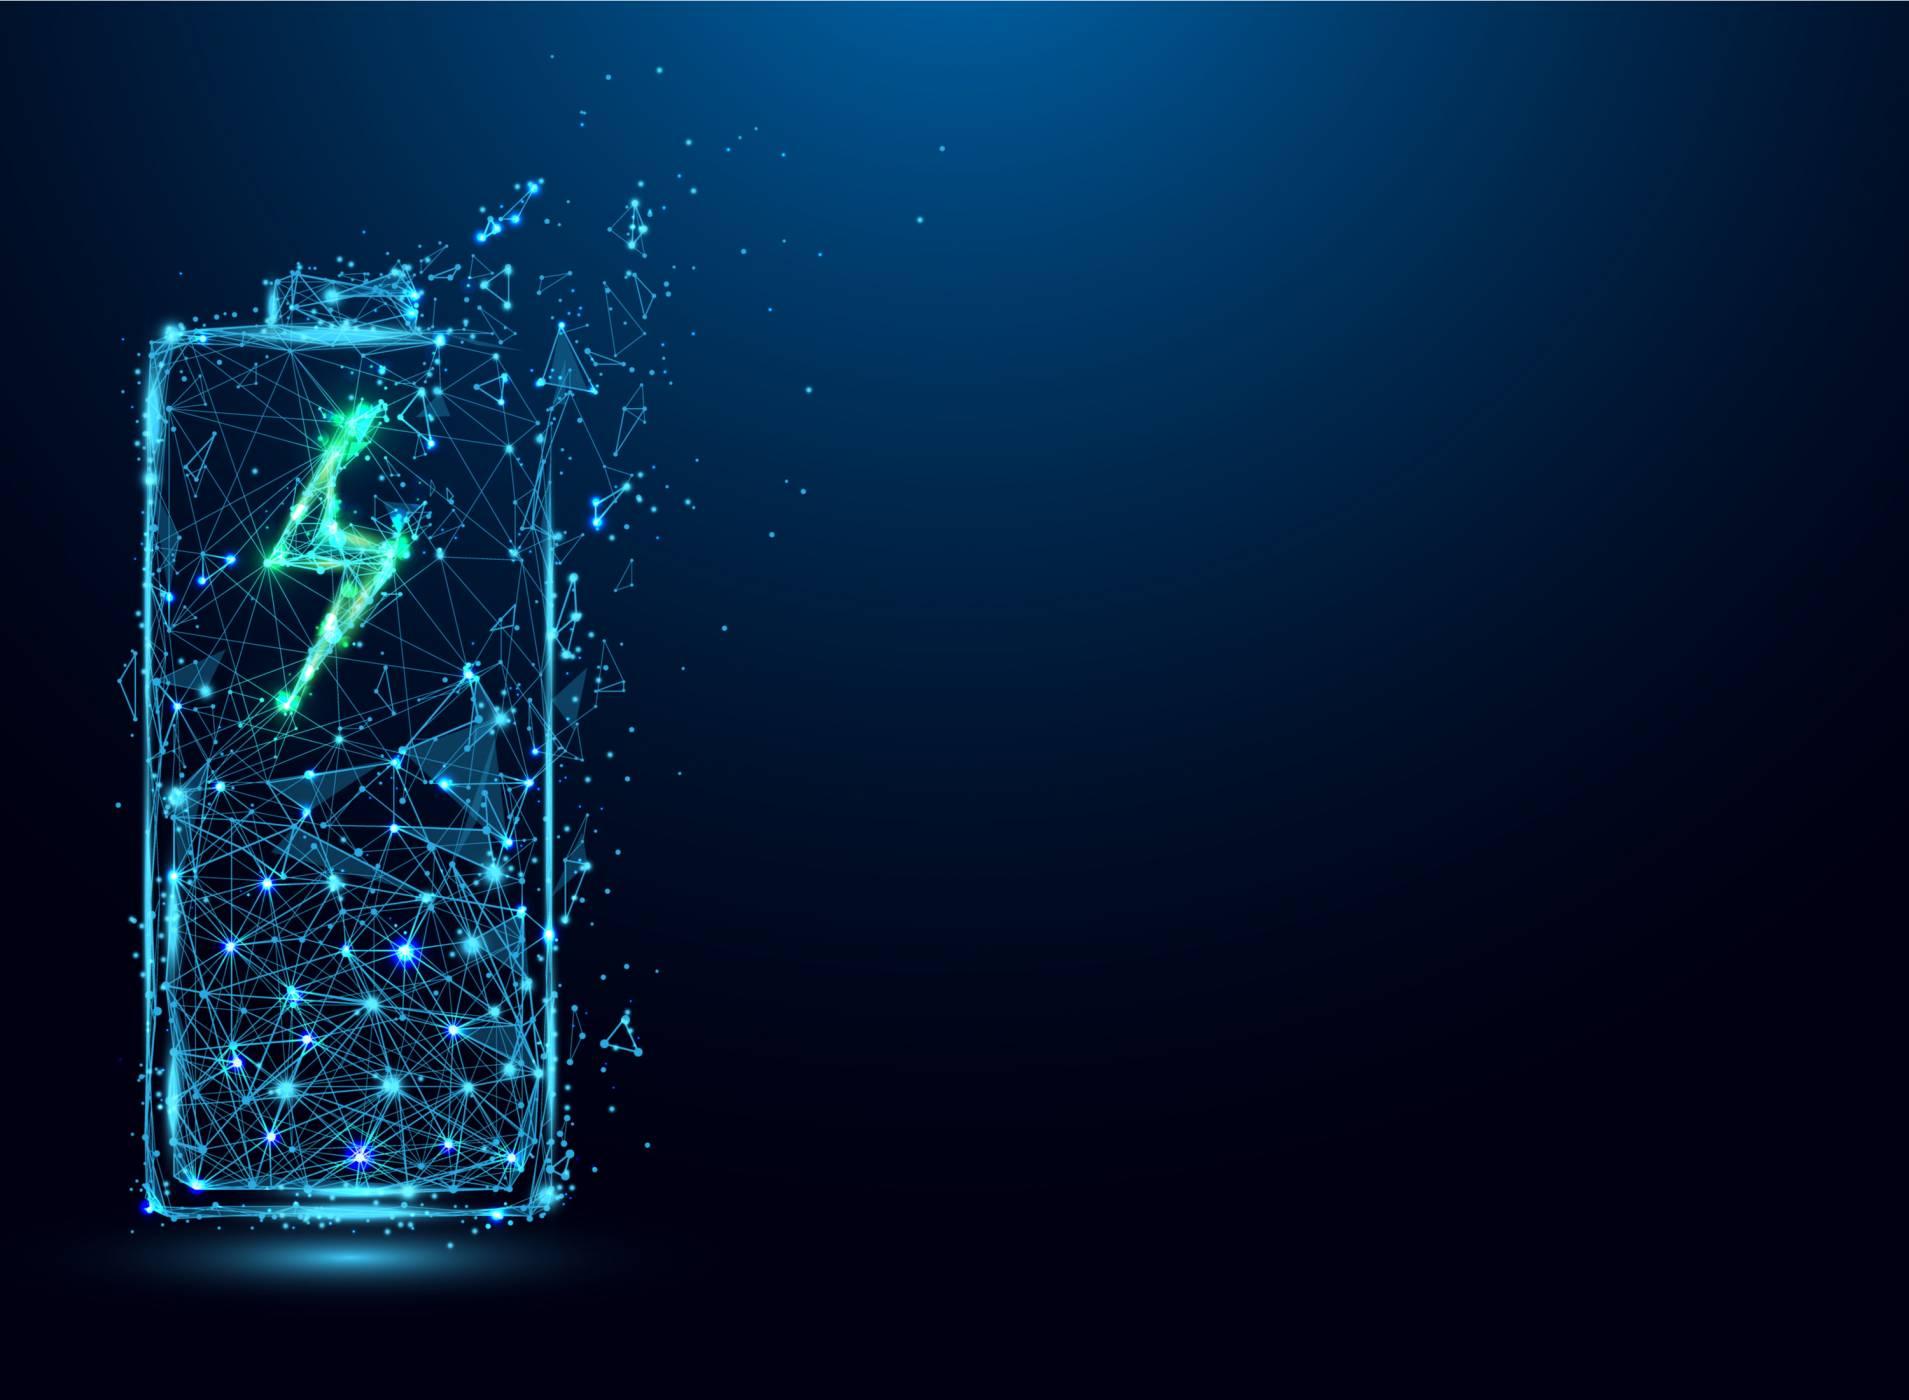 Тази компания твърди, че може да прави батерии от ядрени отпадъци, чийто заряд издържа хиляди години (ВИДЕО)